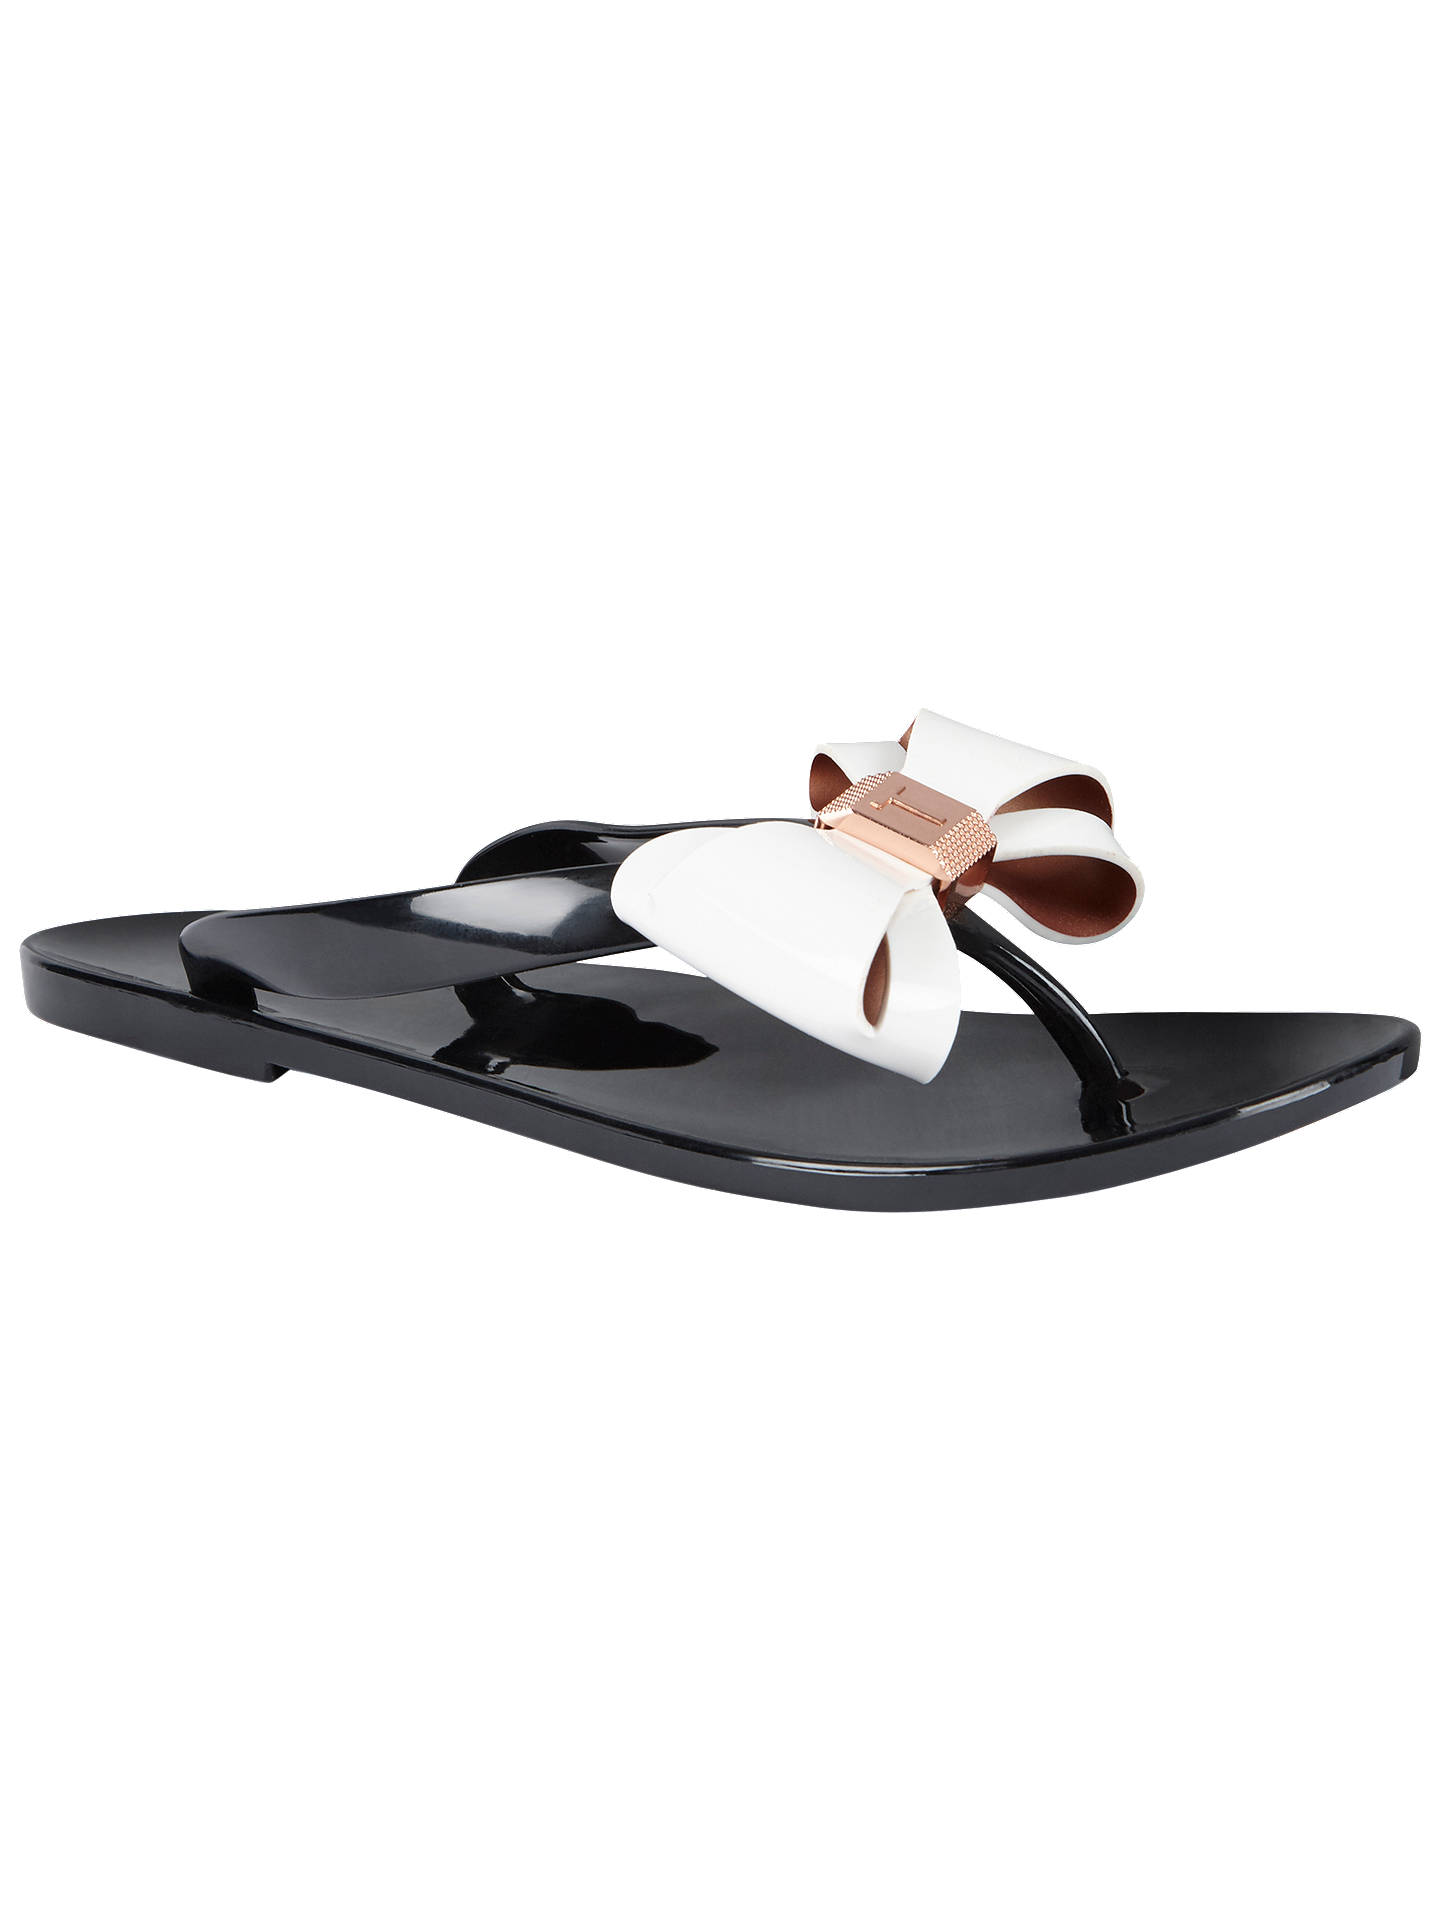 1937dbb55 Buy Ted Baker Rafeek Bow Flip Flops